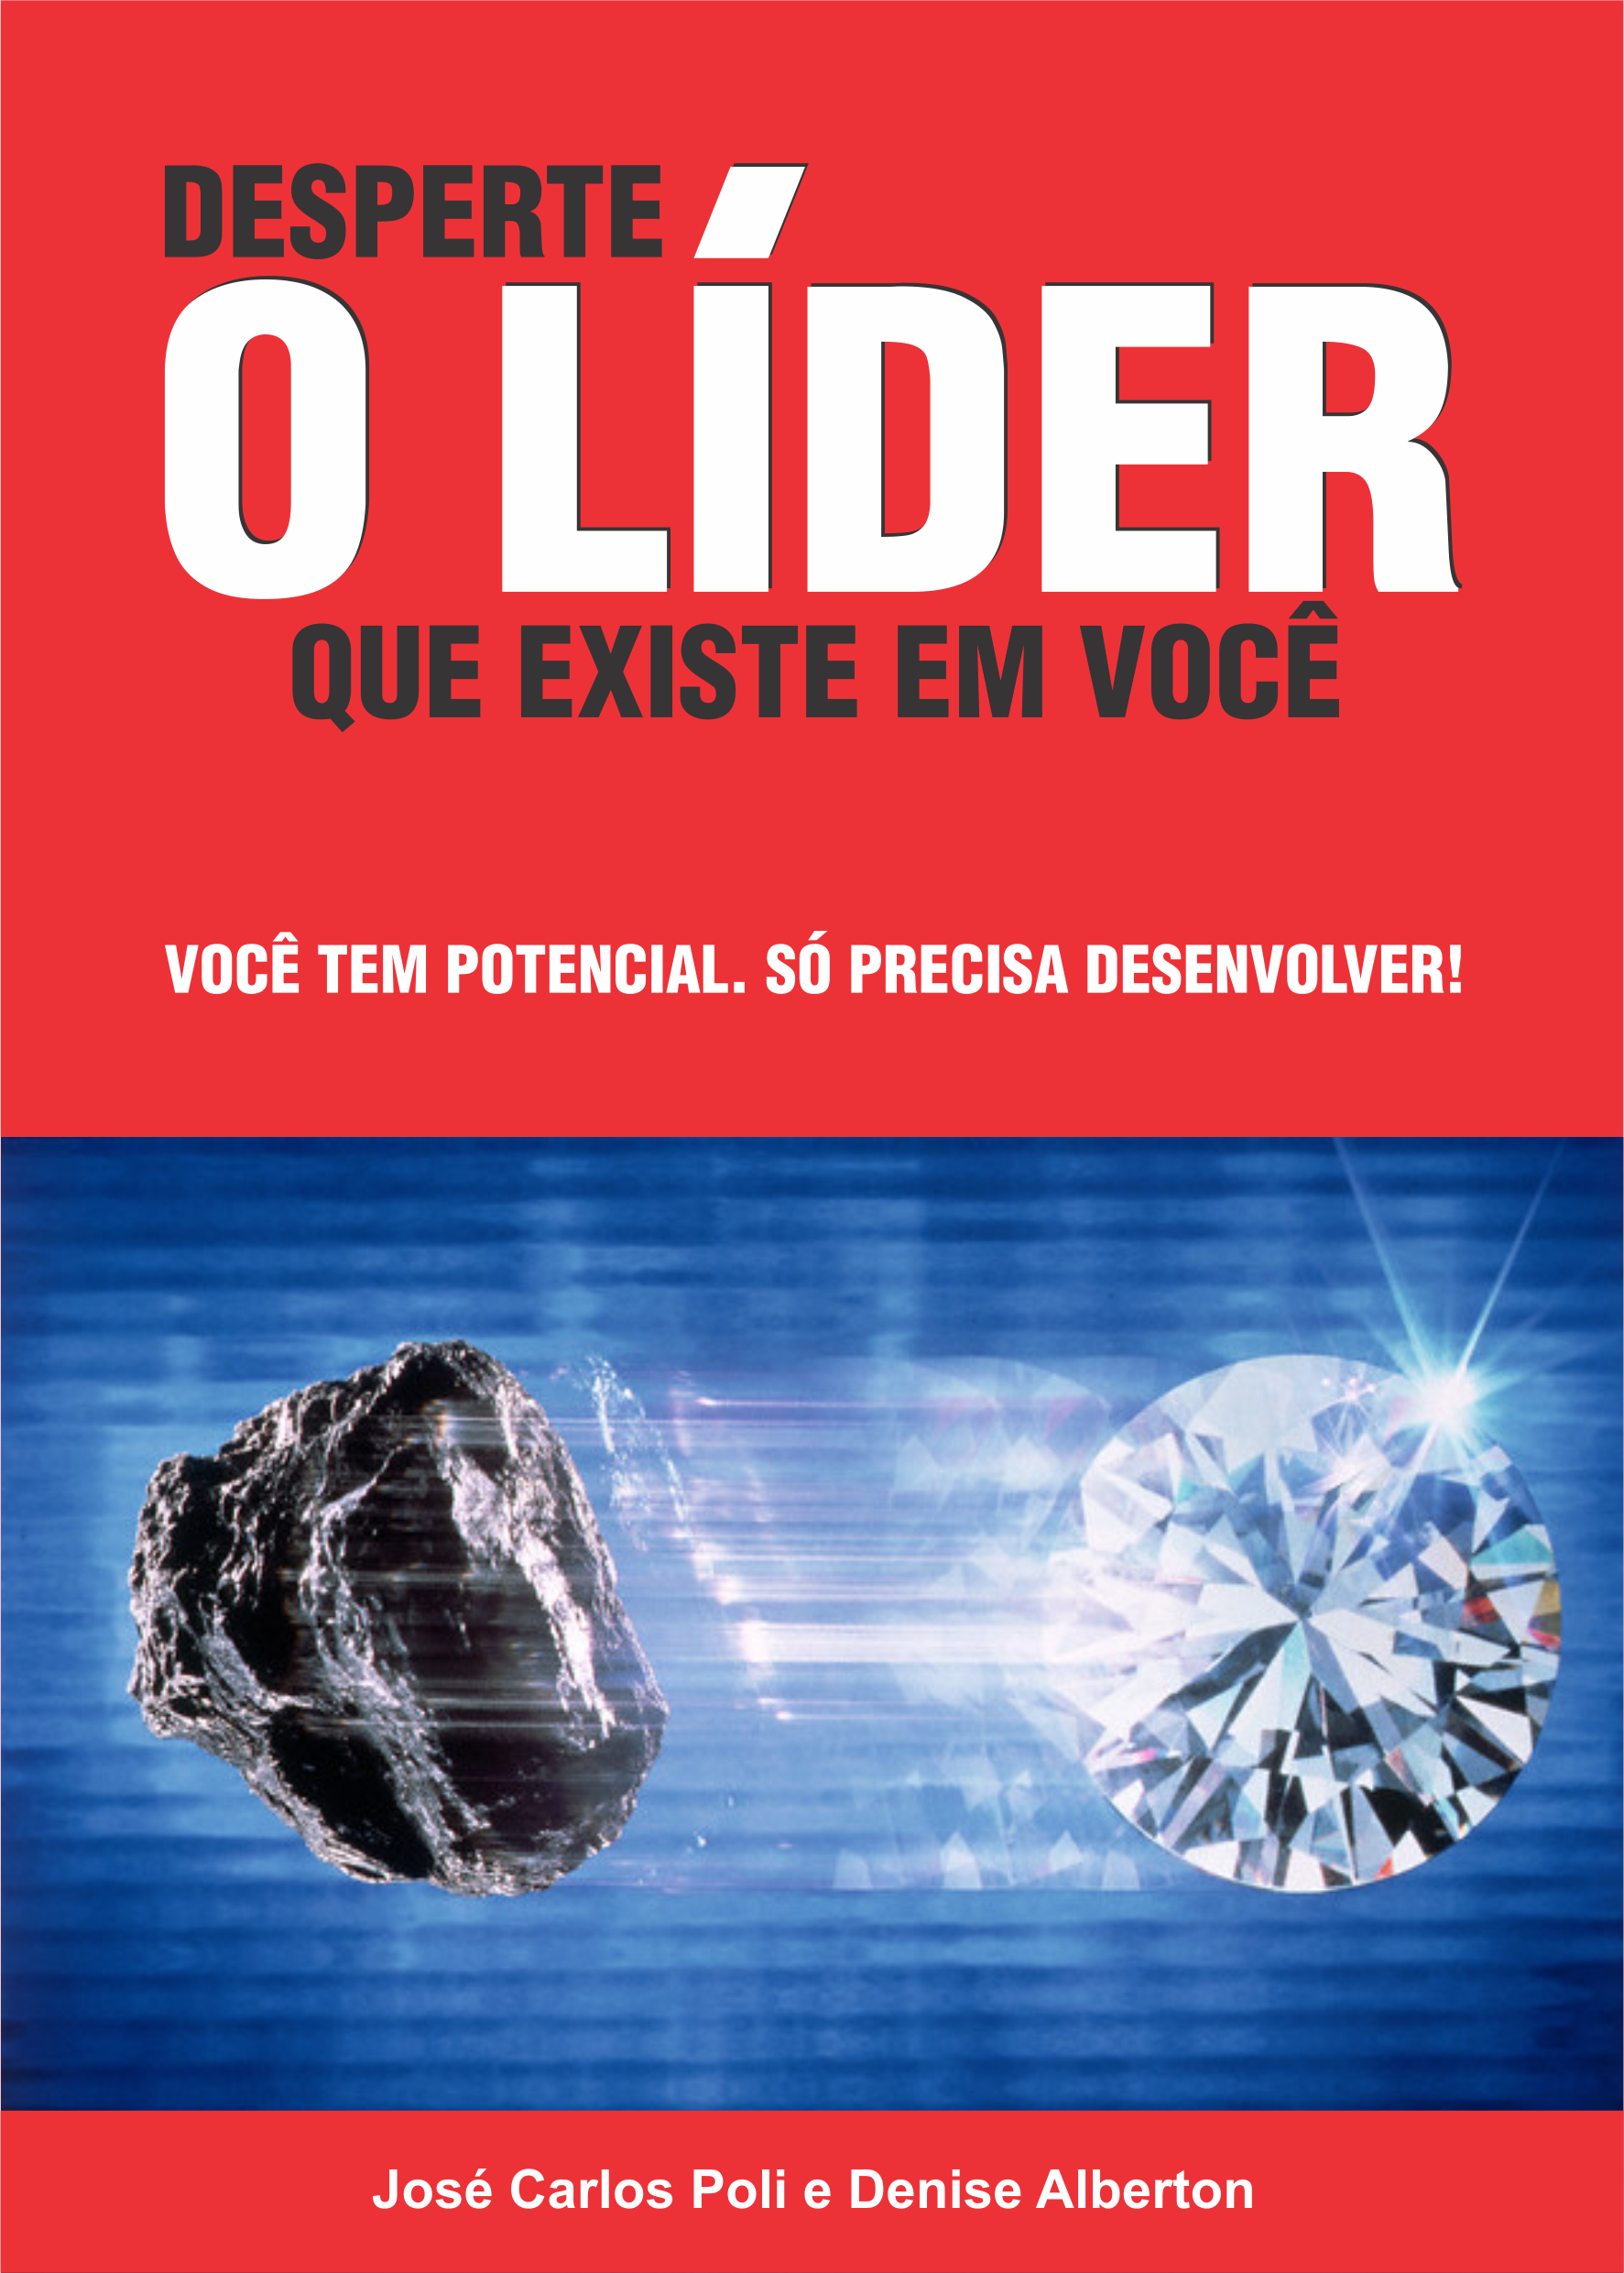 CAPA DO LIVRO PDG